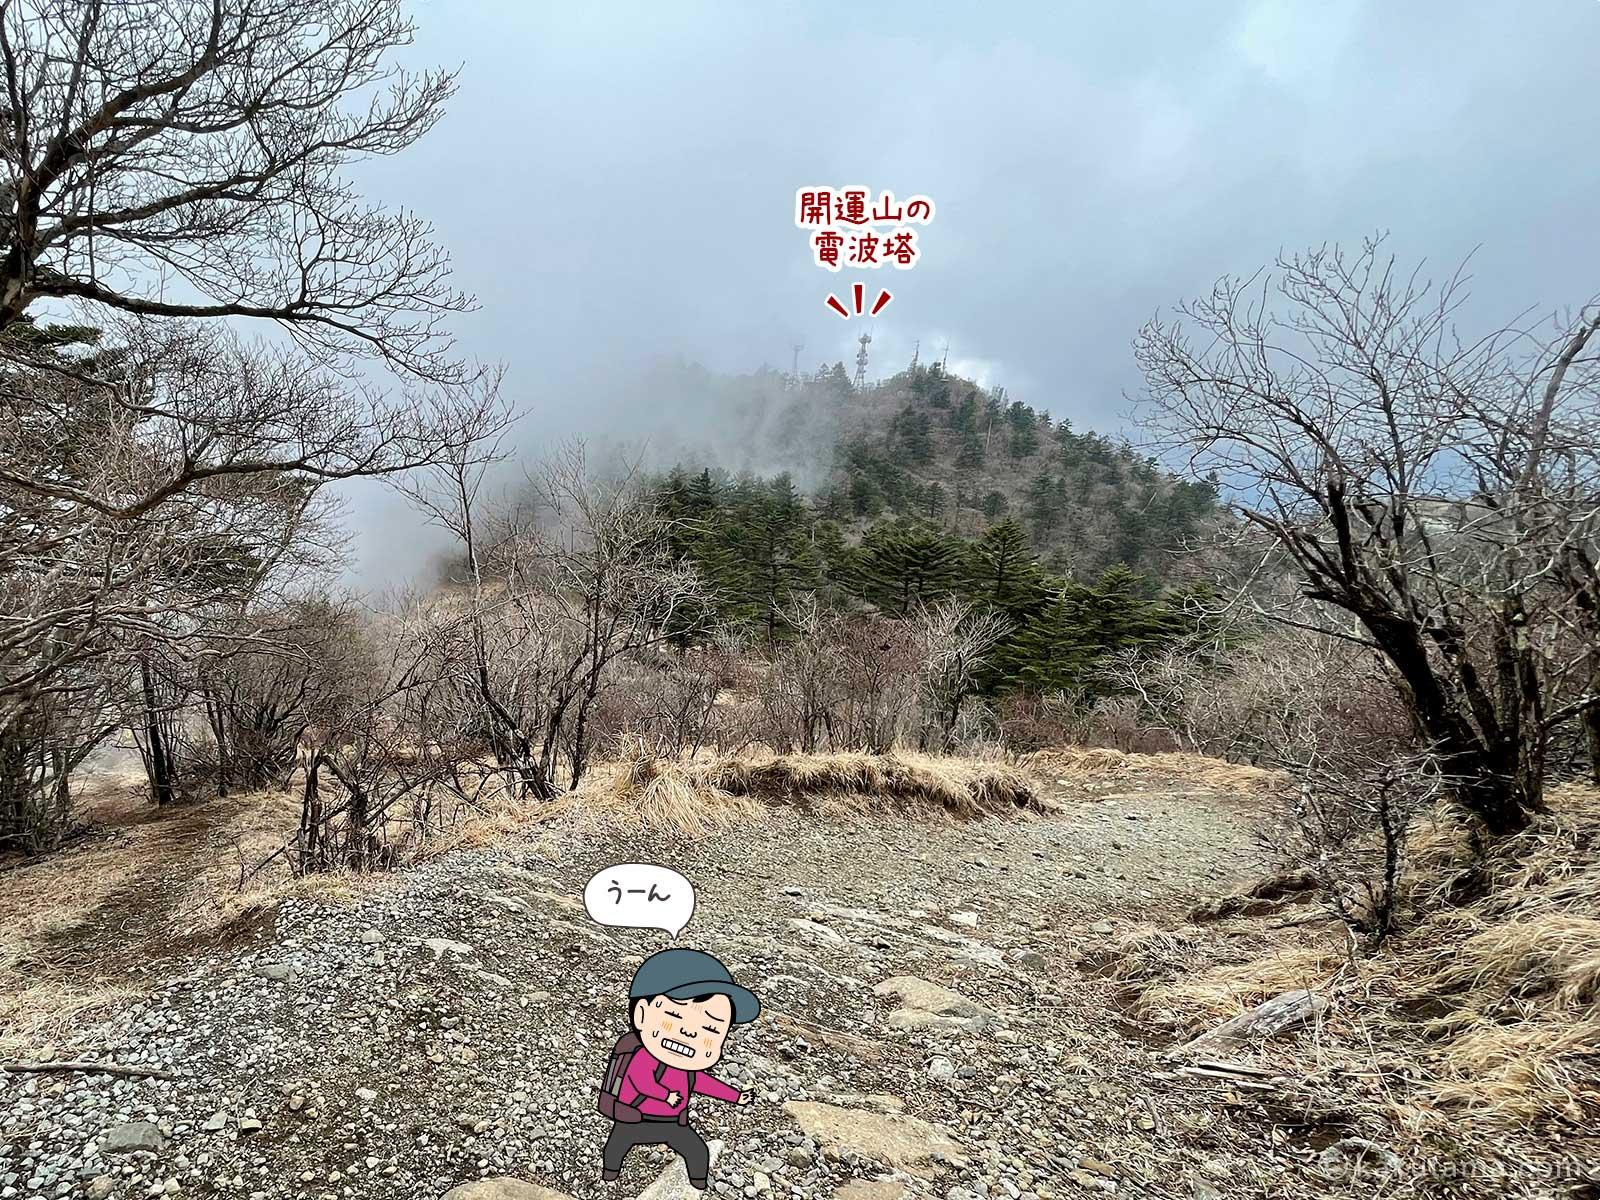 御巣鷹山から三ツ峠山を見る